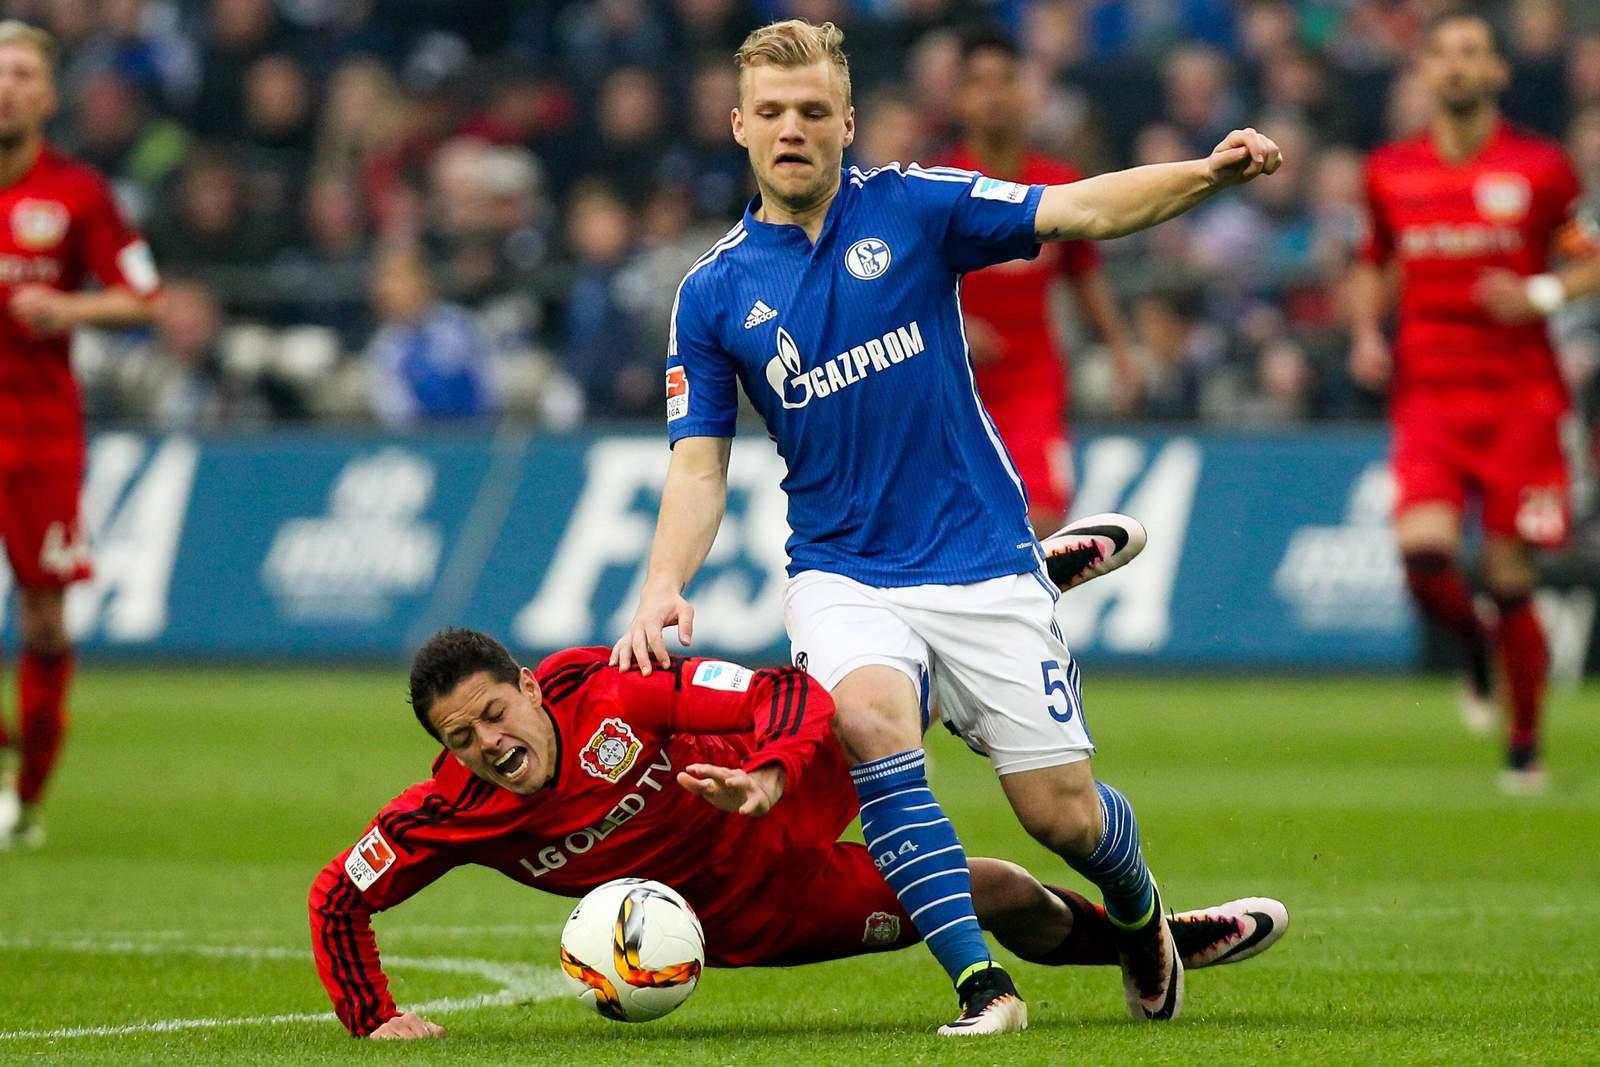 Bayer Leverkusen vs Schalke 04 Betting Predictions